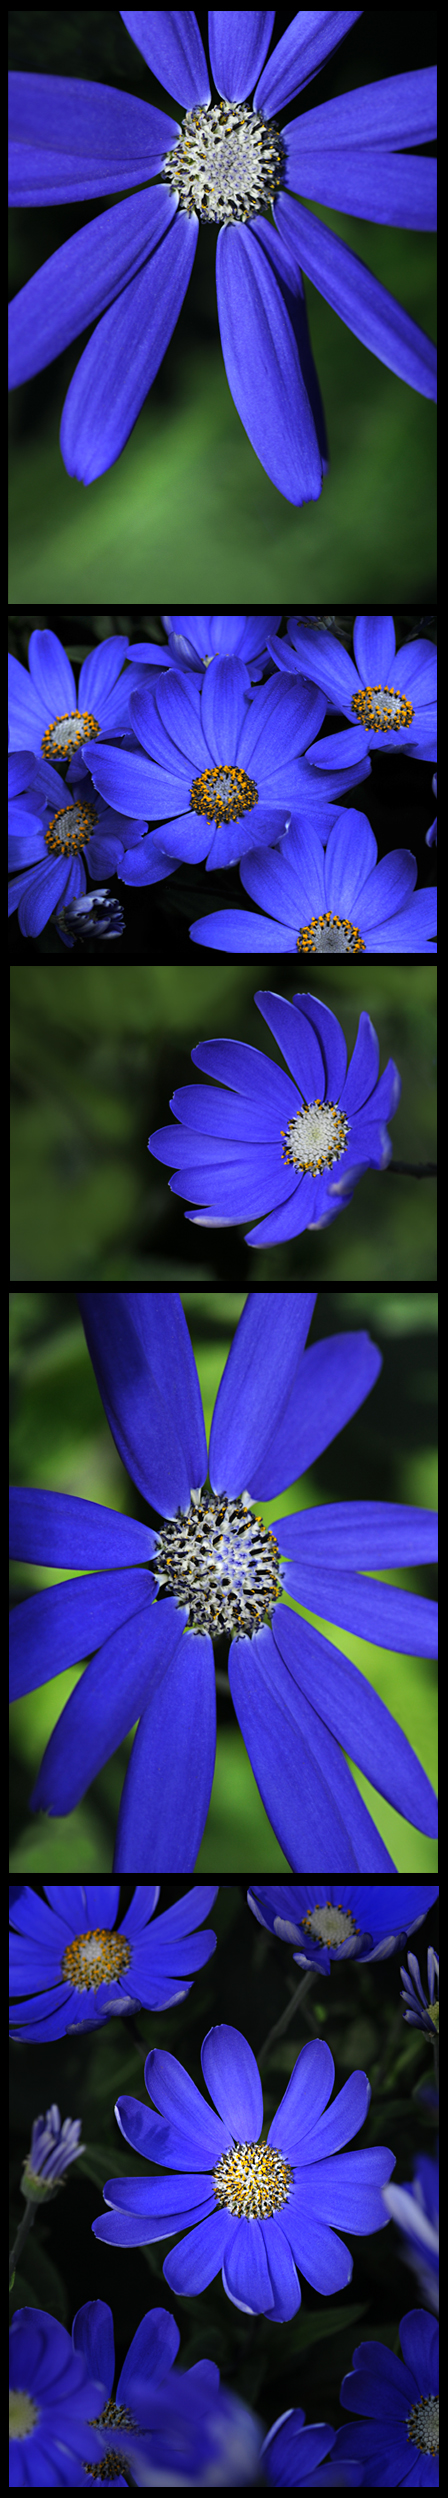 bluerthanblueredux1